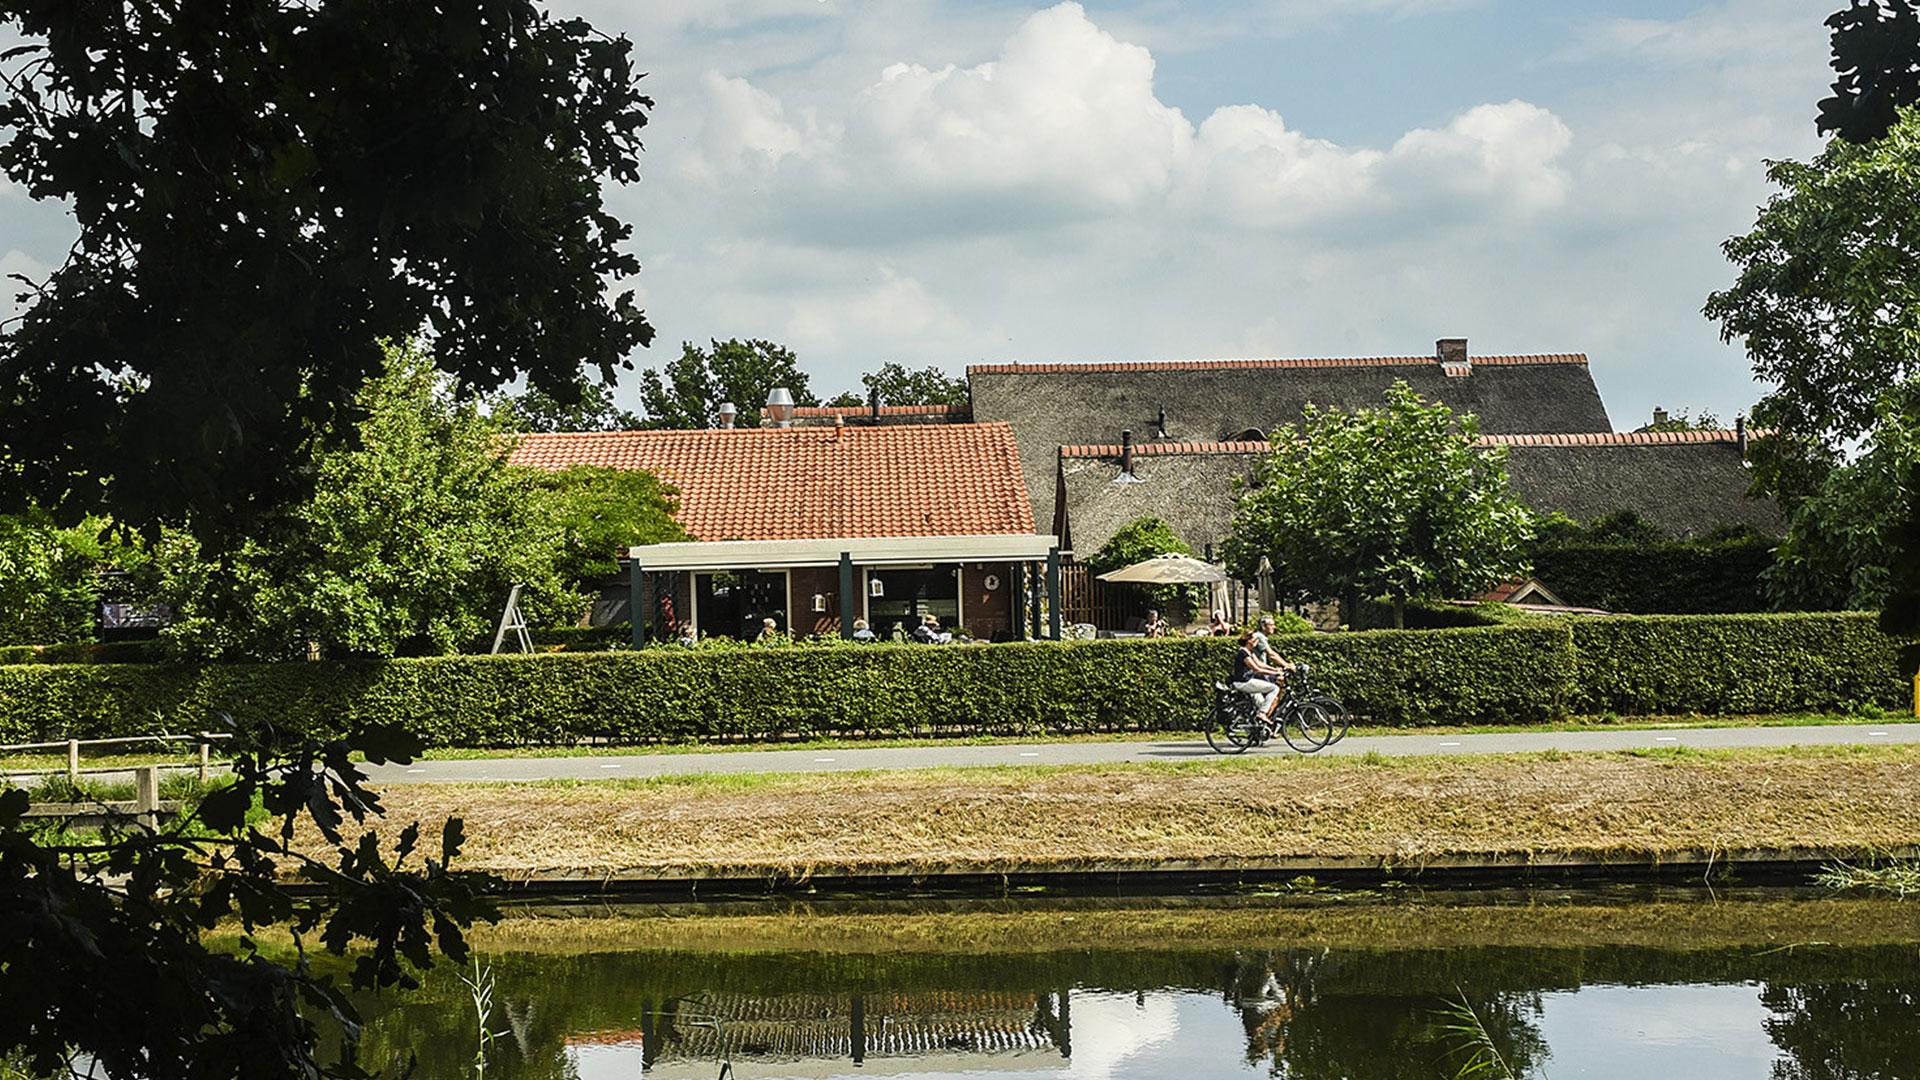 5 Fietsstops op de Utrechtse Heuvelrug die een omweg waard zijn